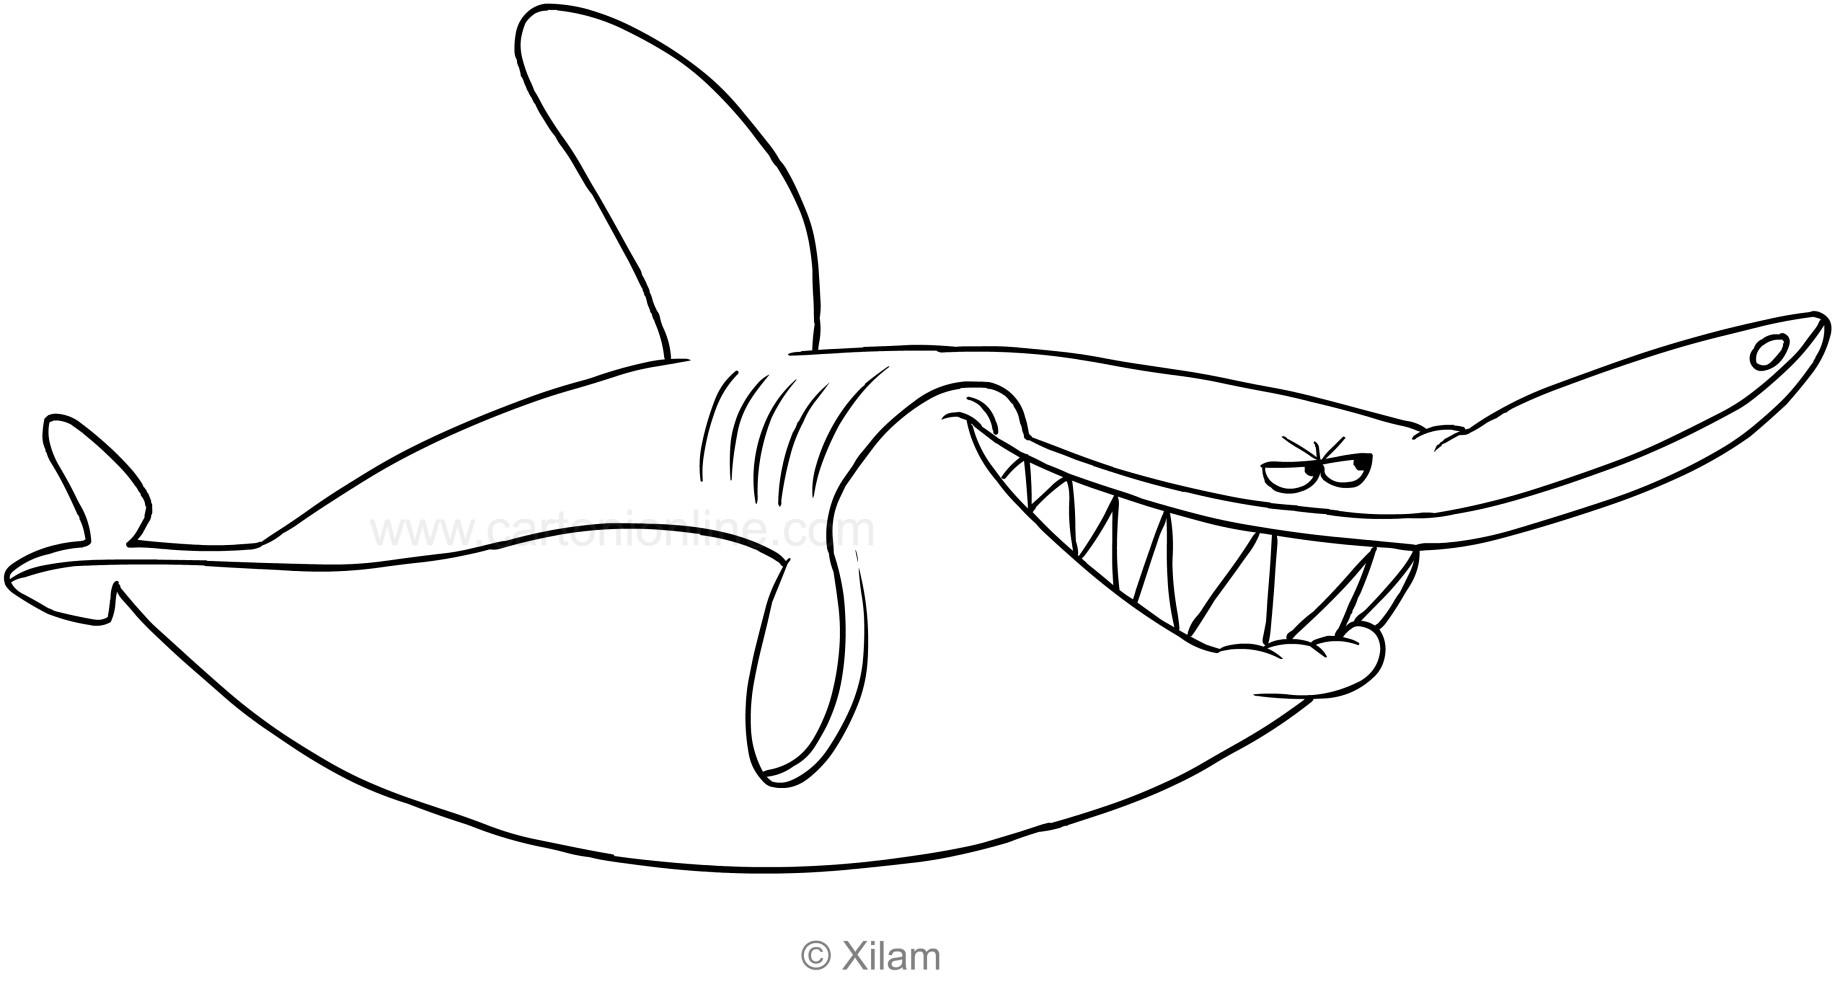 Disegno squalo da colorare migliori pagine da colorare for Disegno squalo bianco